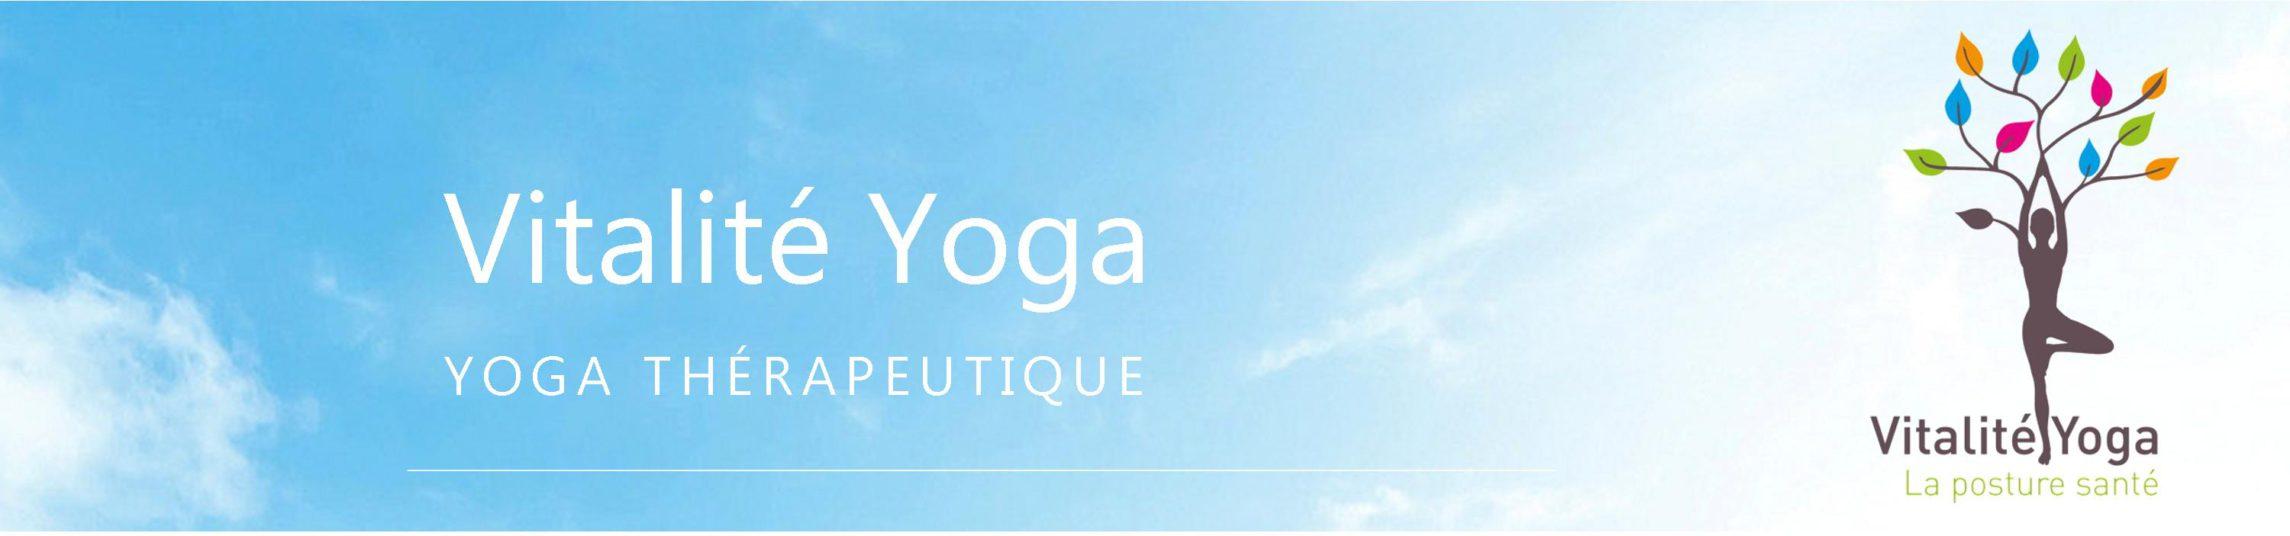 Vitalité Yoga - Yoga Thérapeutique